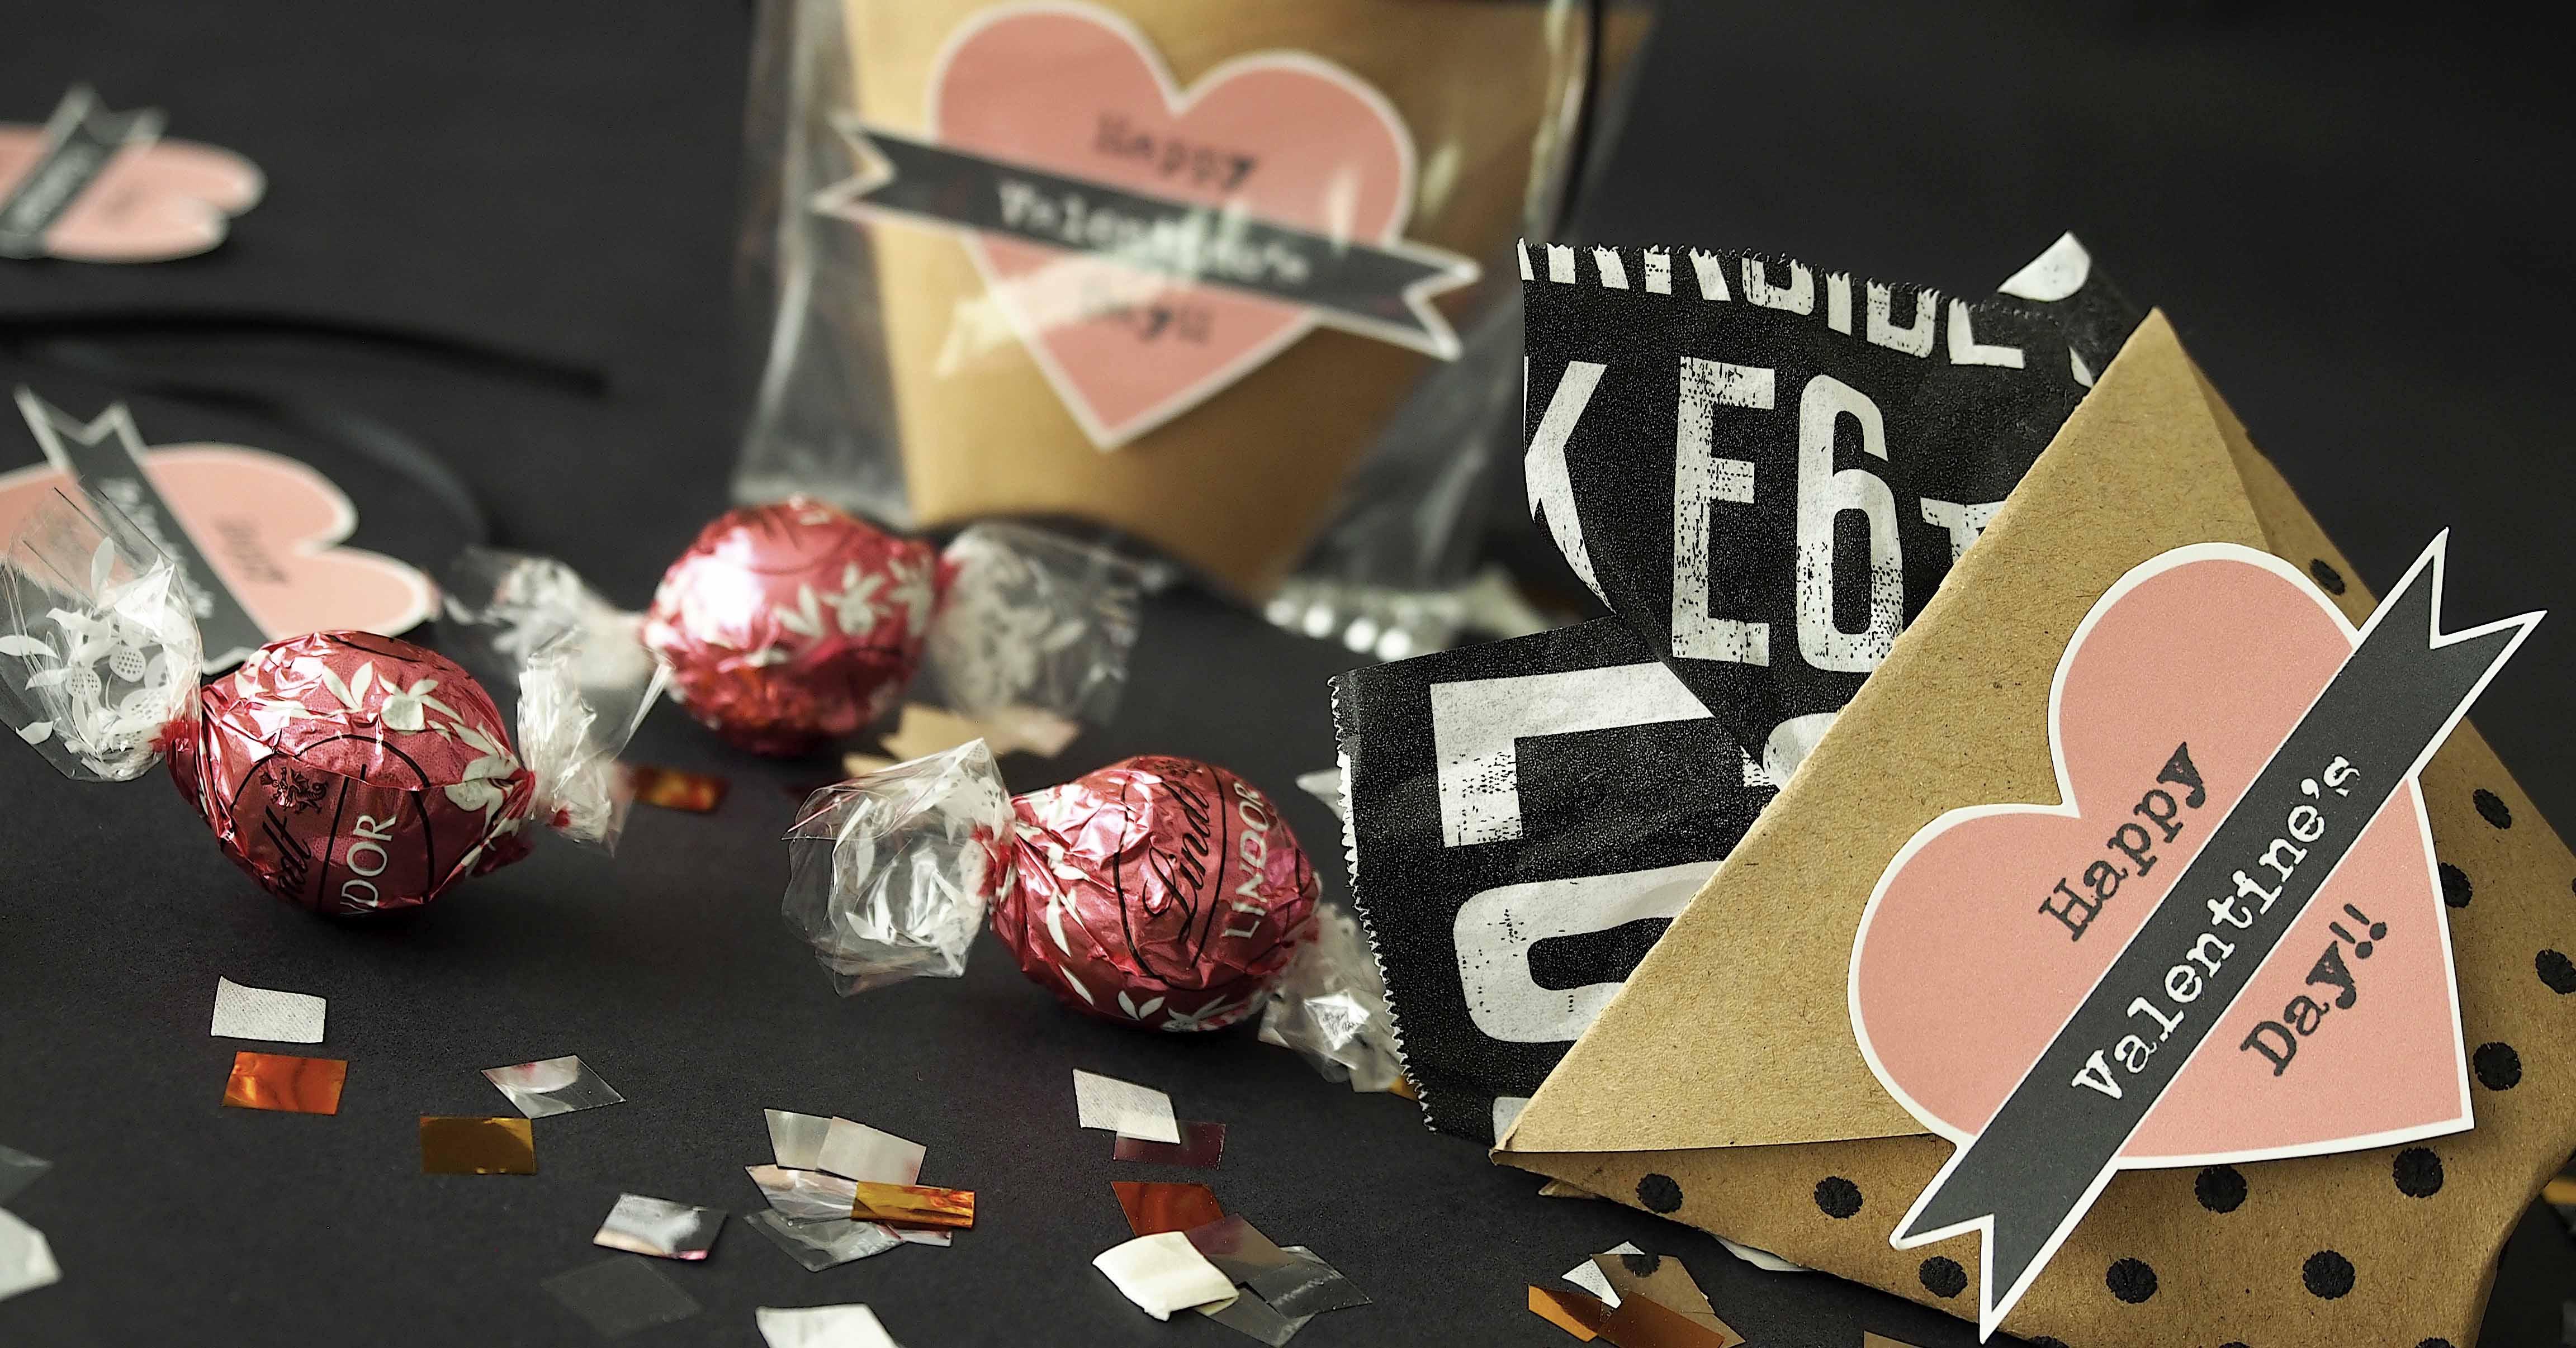 今年流バレンタインは「ダスティピンク」♪無料テンプレで作るラッピング